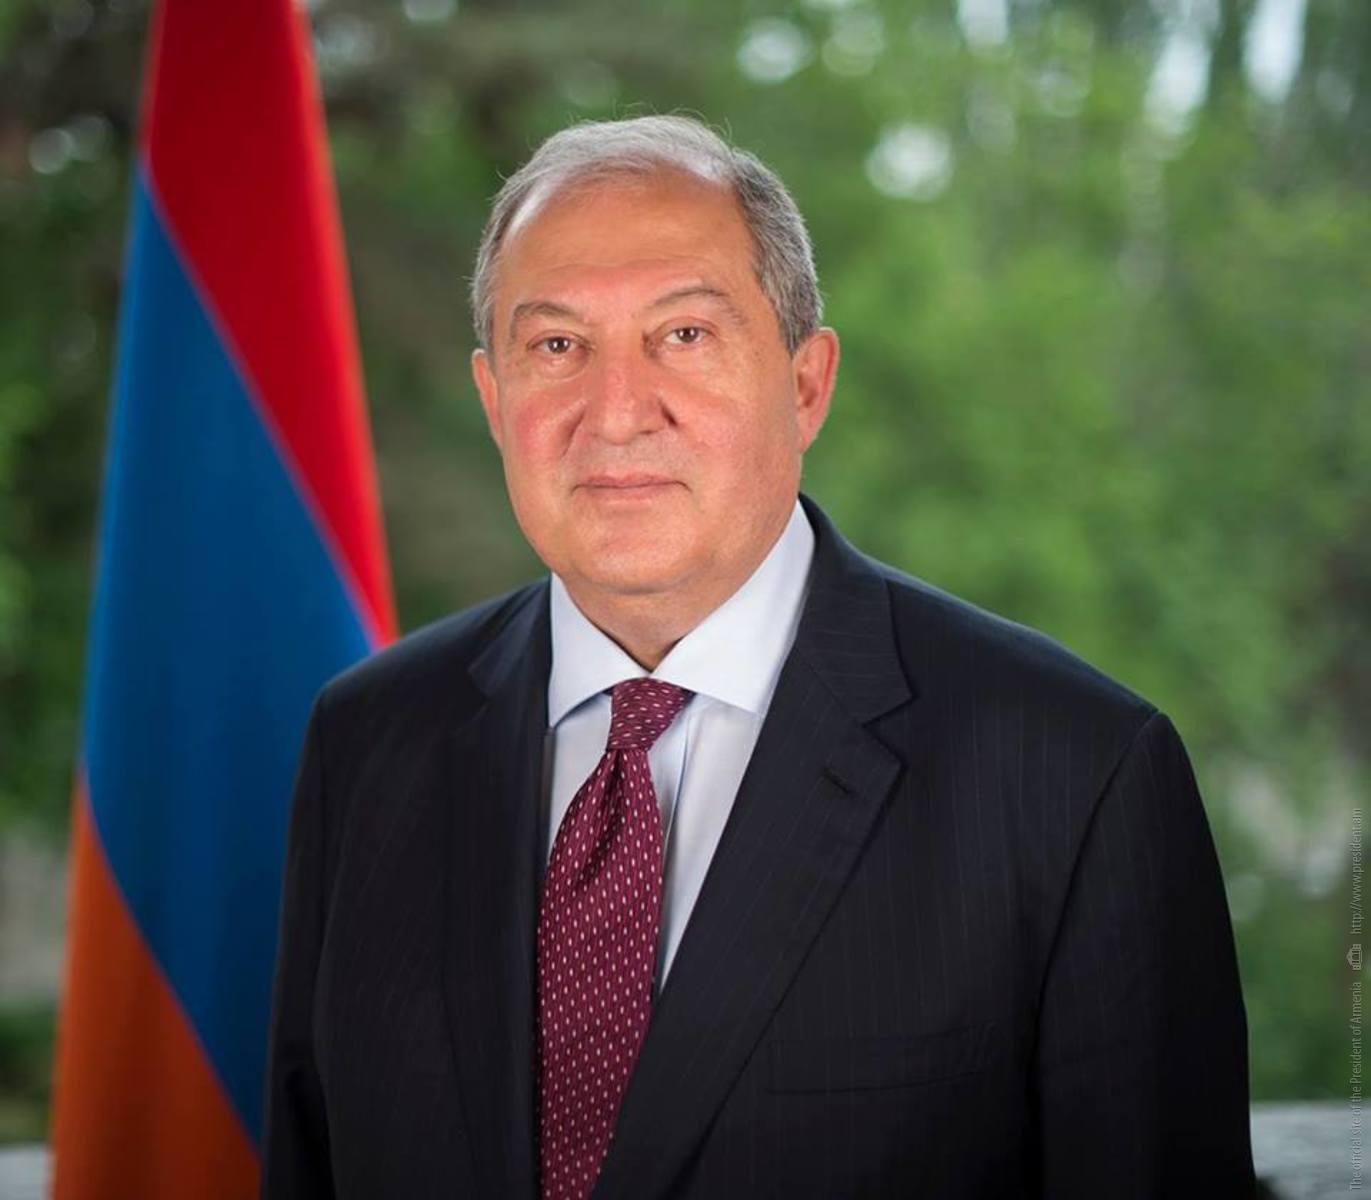 Armenian President leaving for Spain